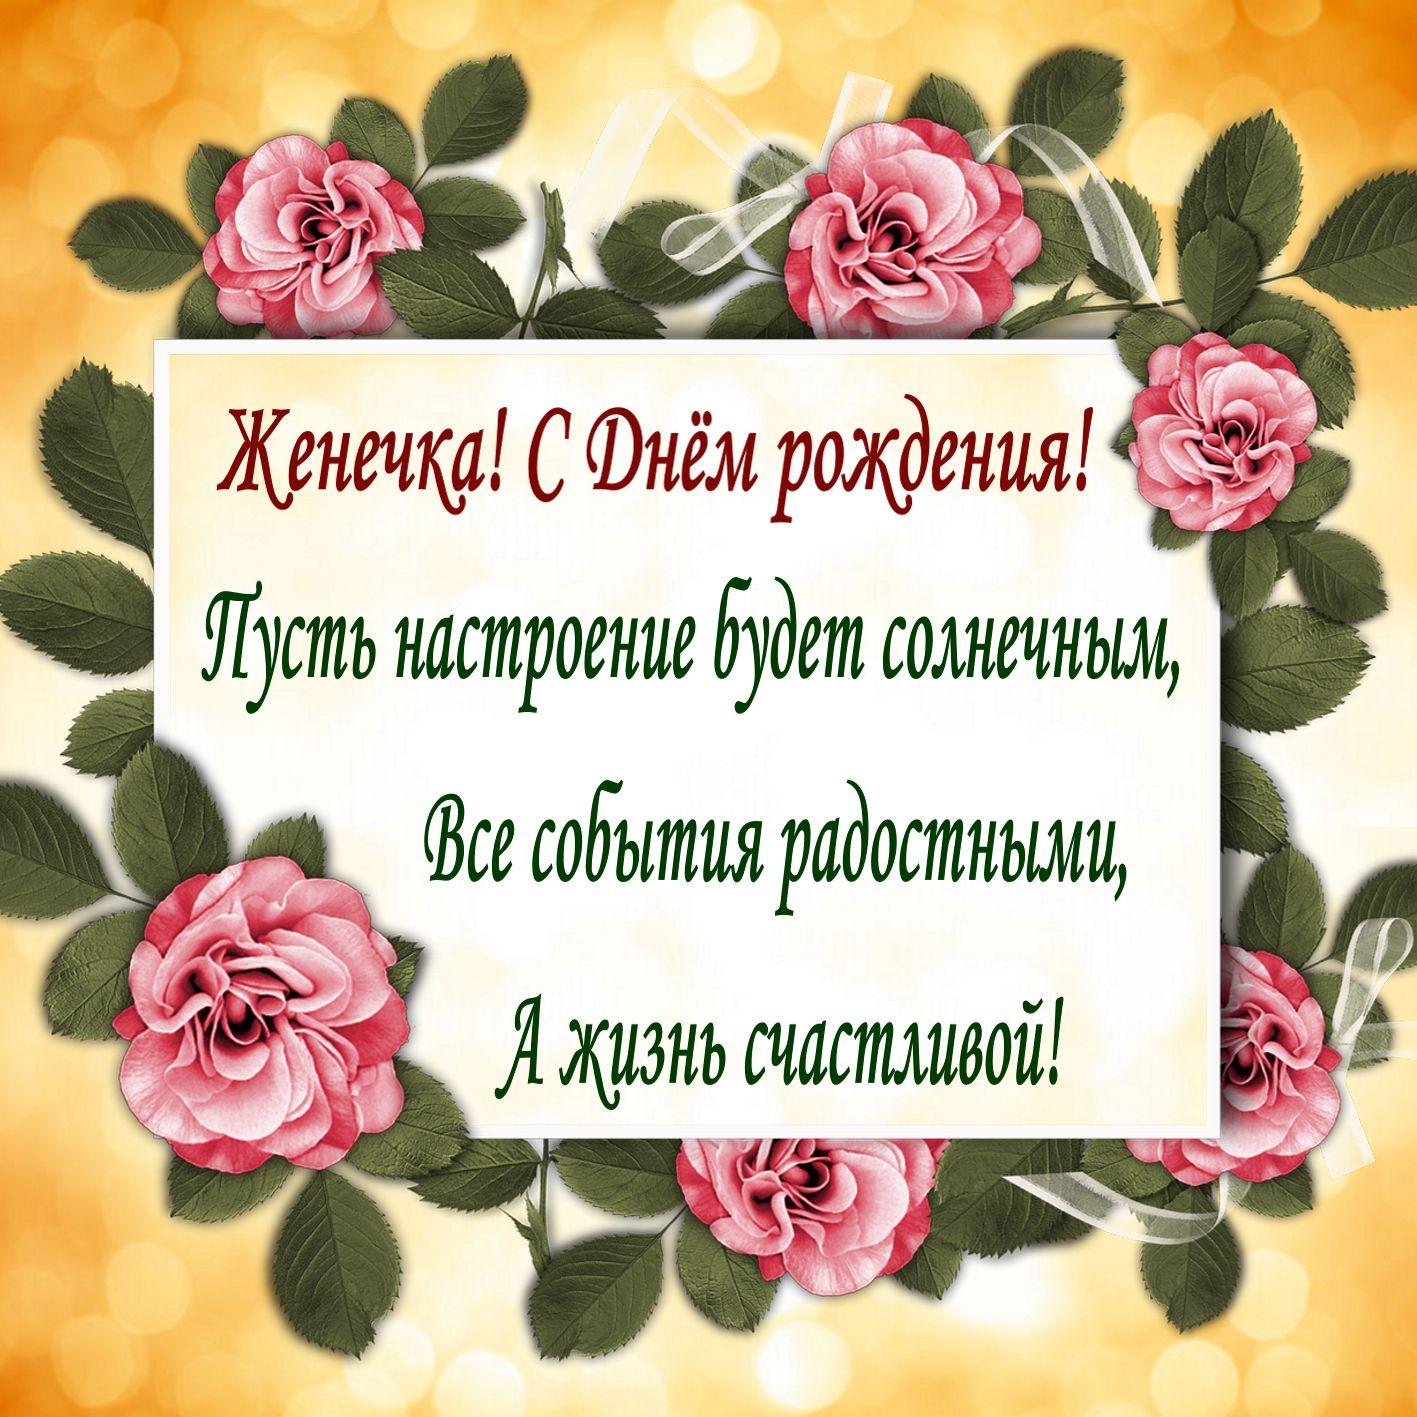 Открытка с поздравлением среди роз Евгении на День рождения